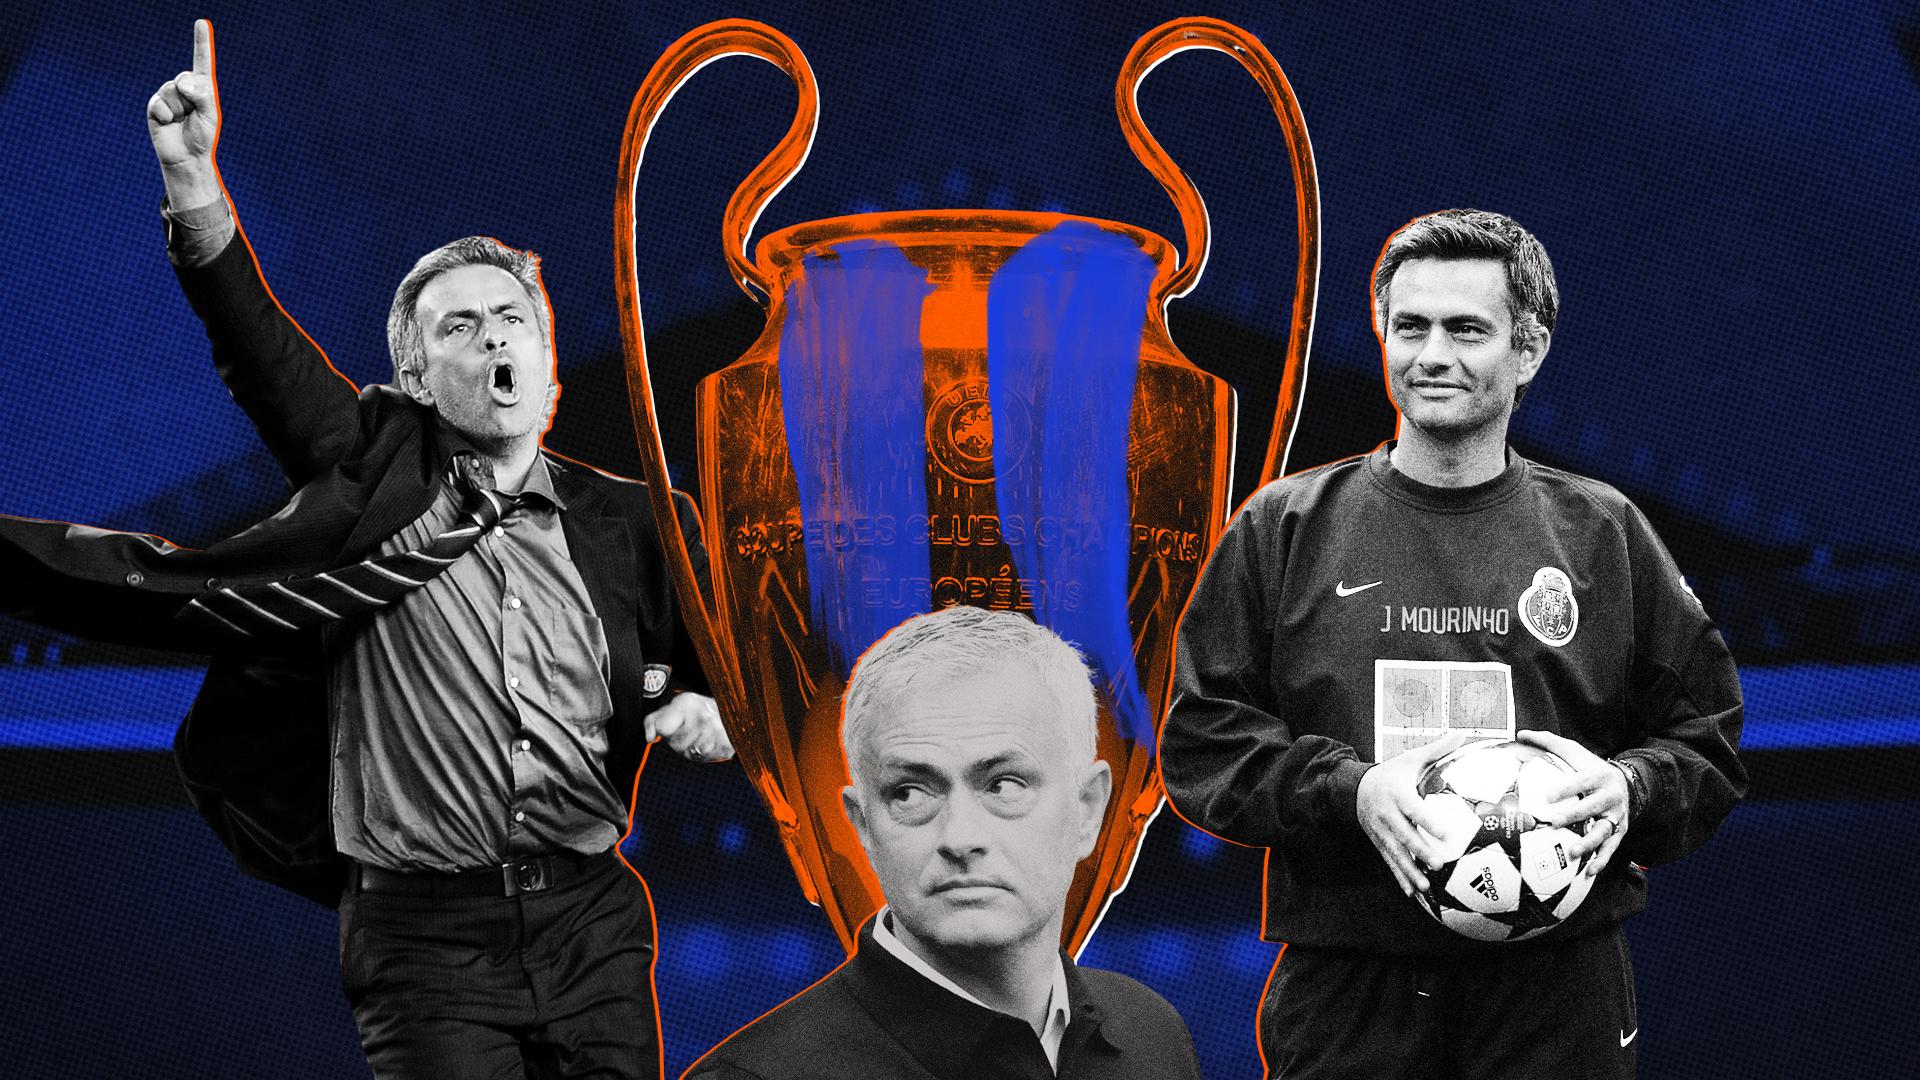 Jose Mourinho: The Quintessential Champions League Manager?